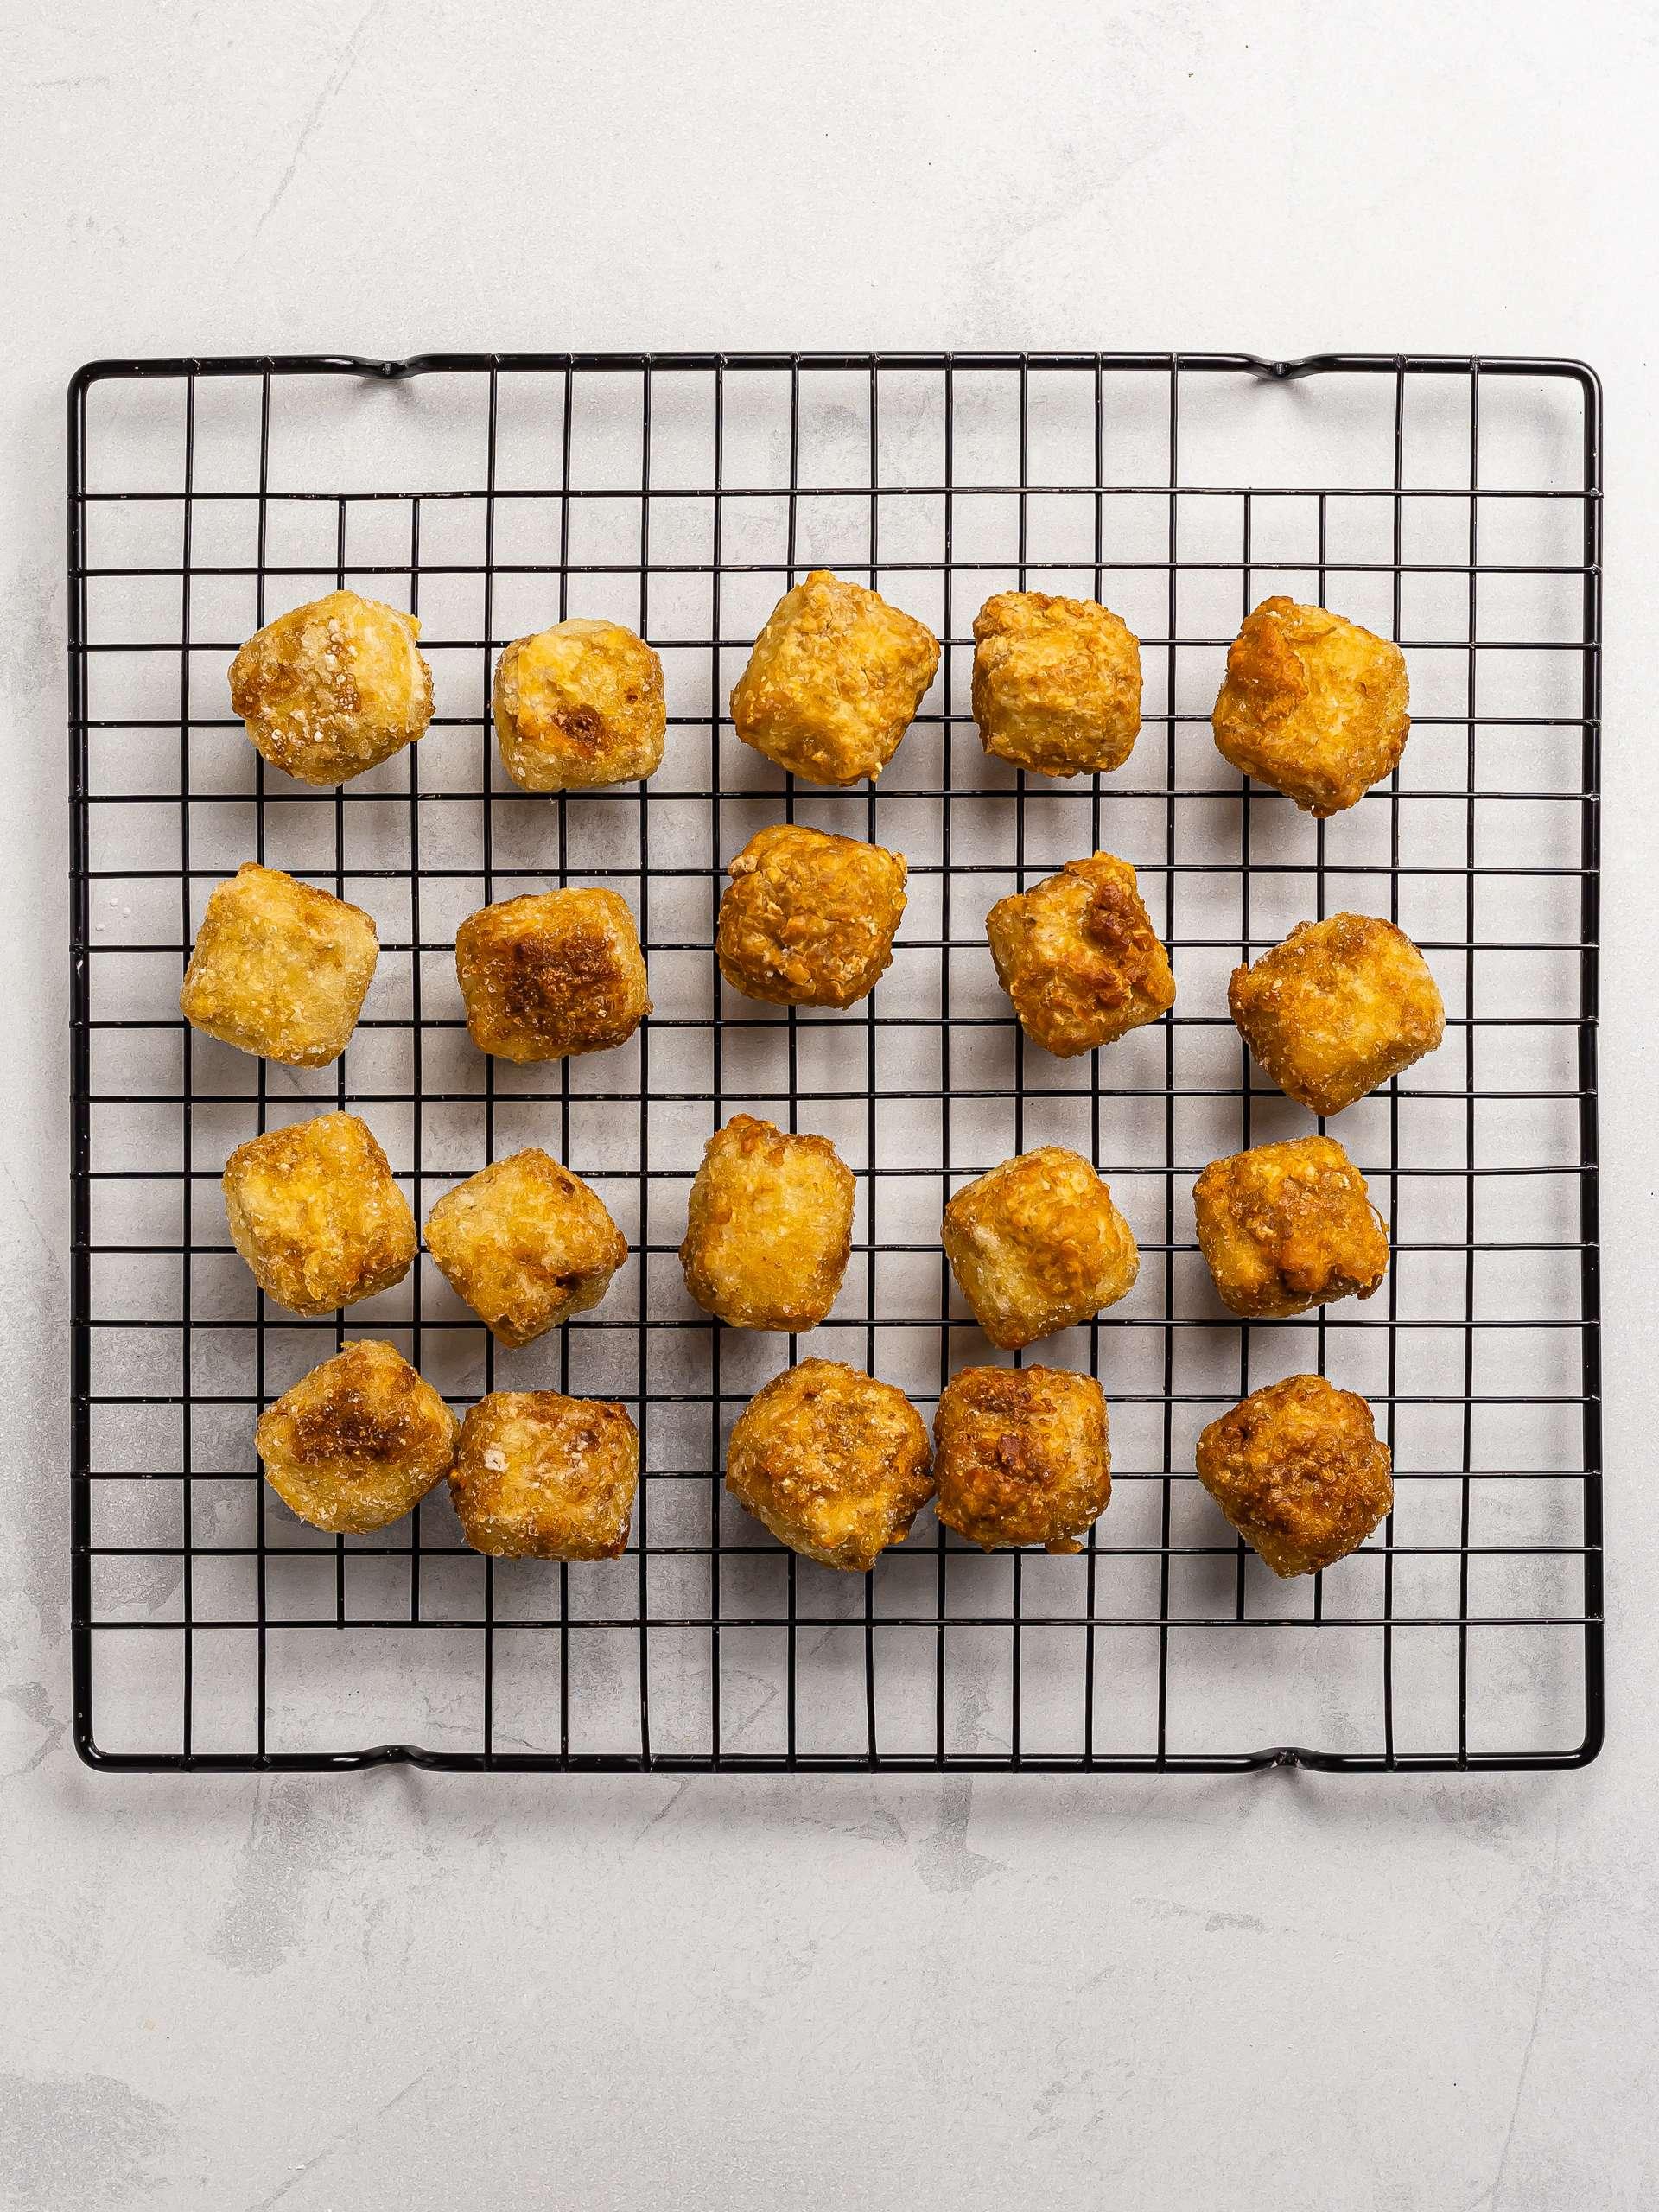 fried tofu karaage on a rack